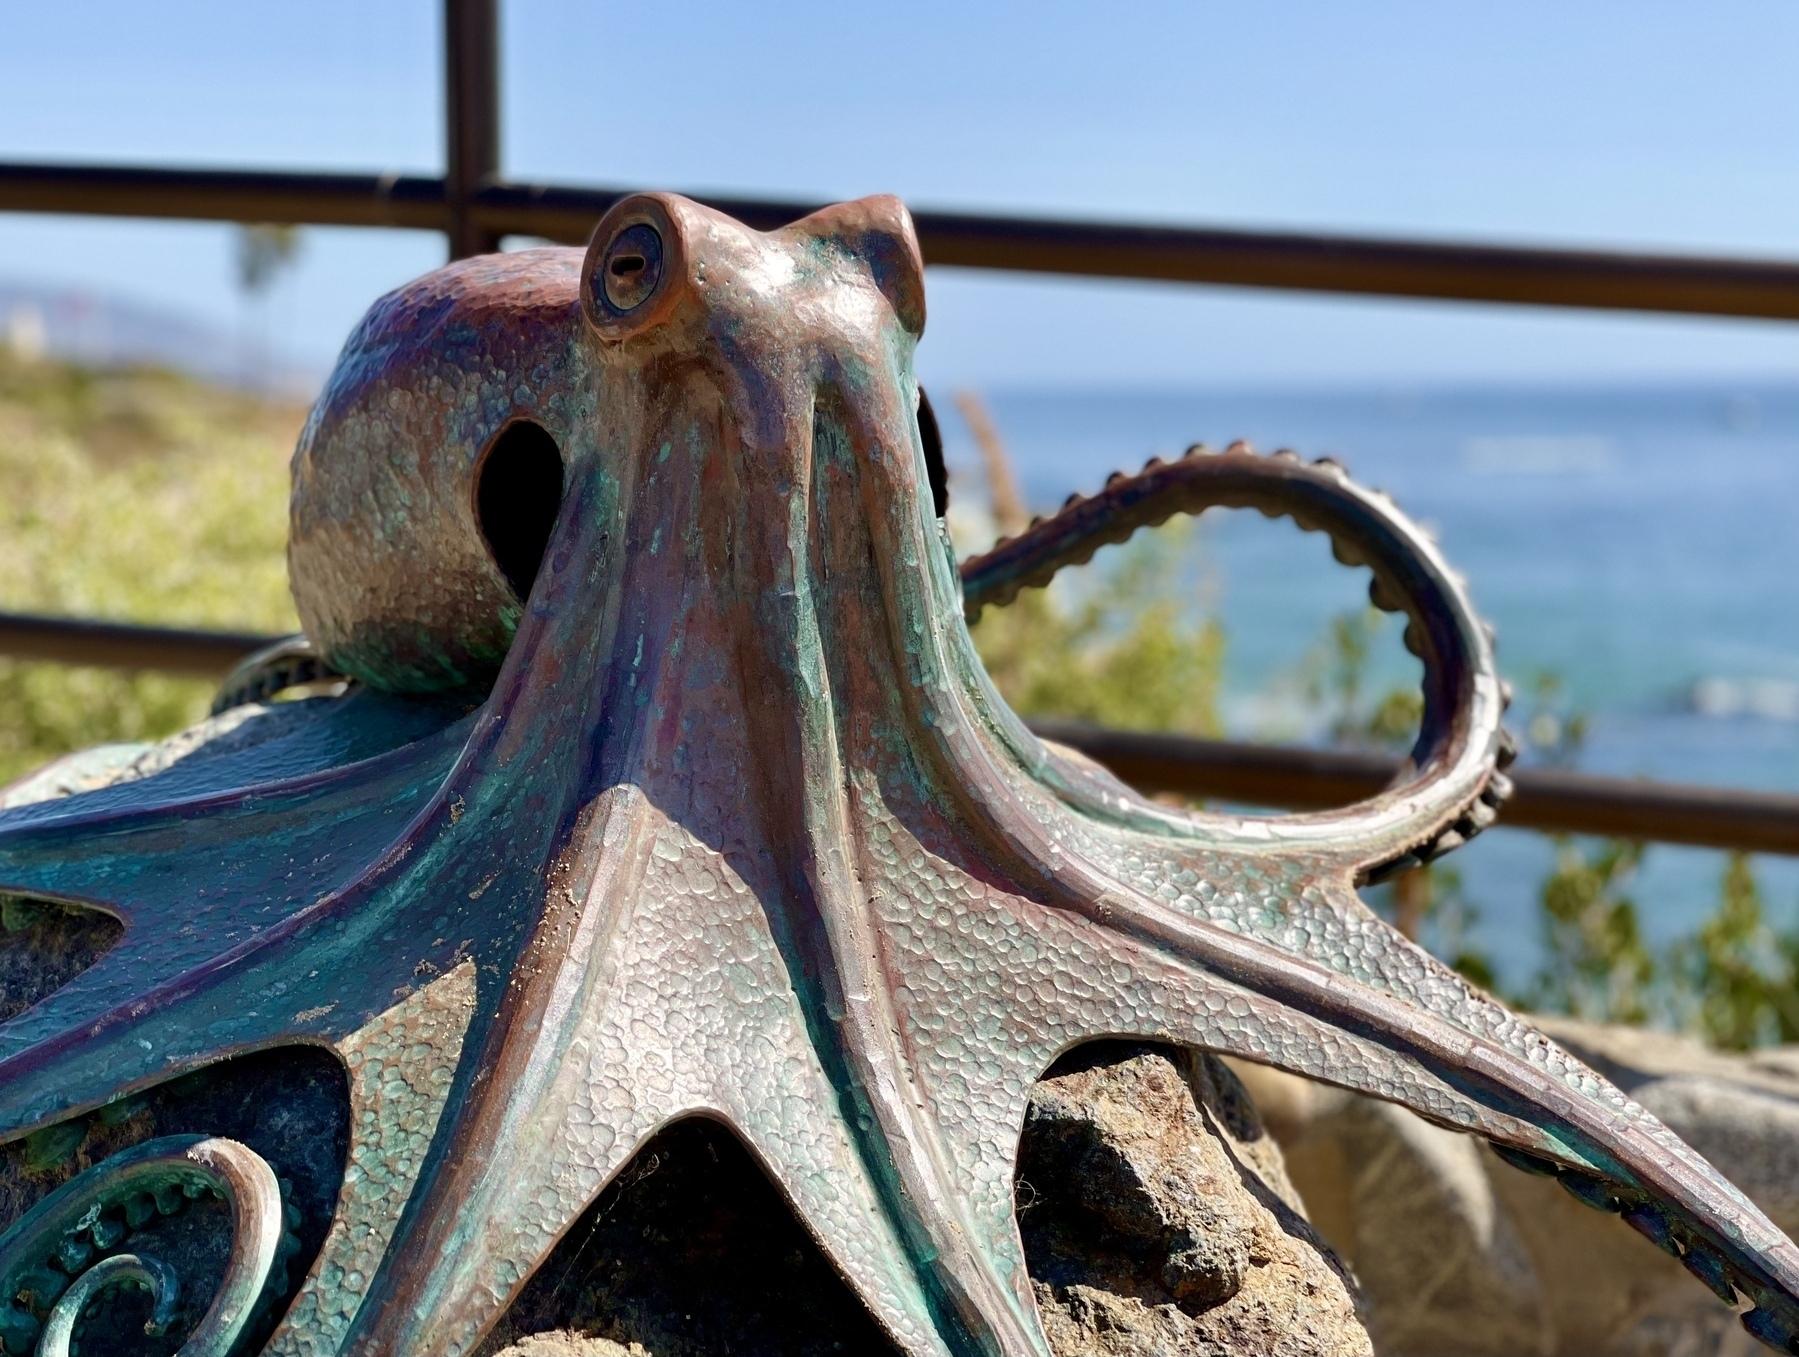 A sculpture of a large kraken at a beach.